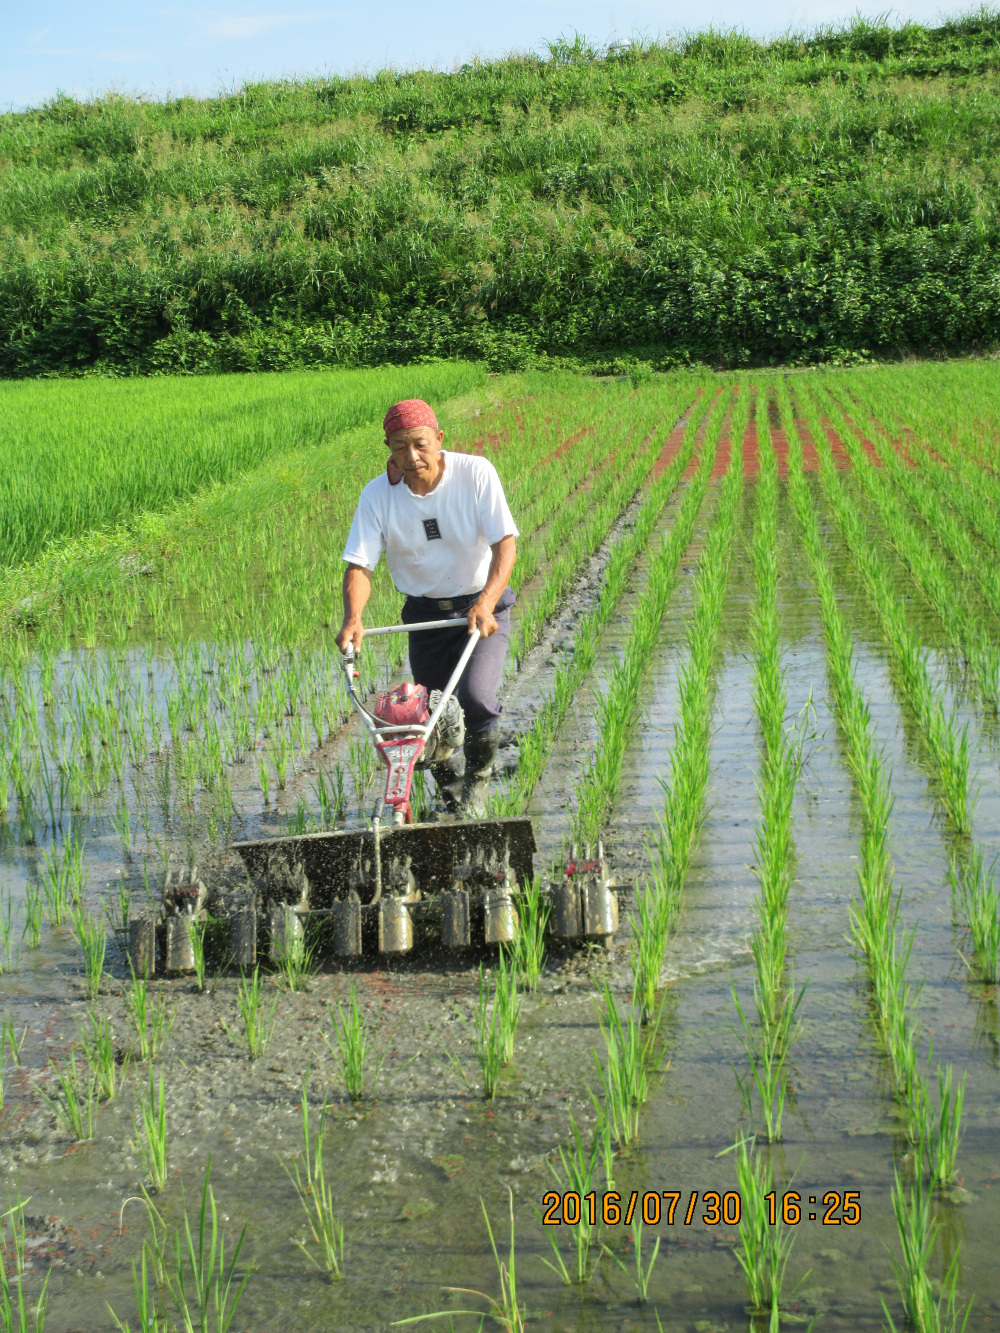 除草作業丸山 いばら農園